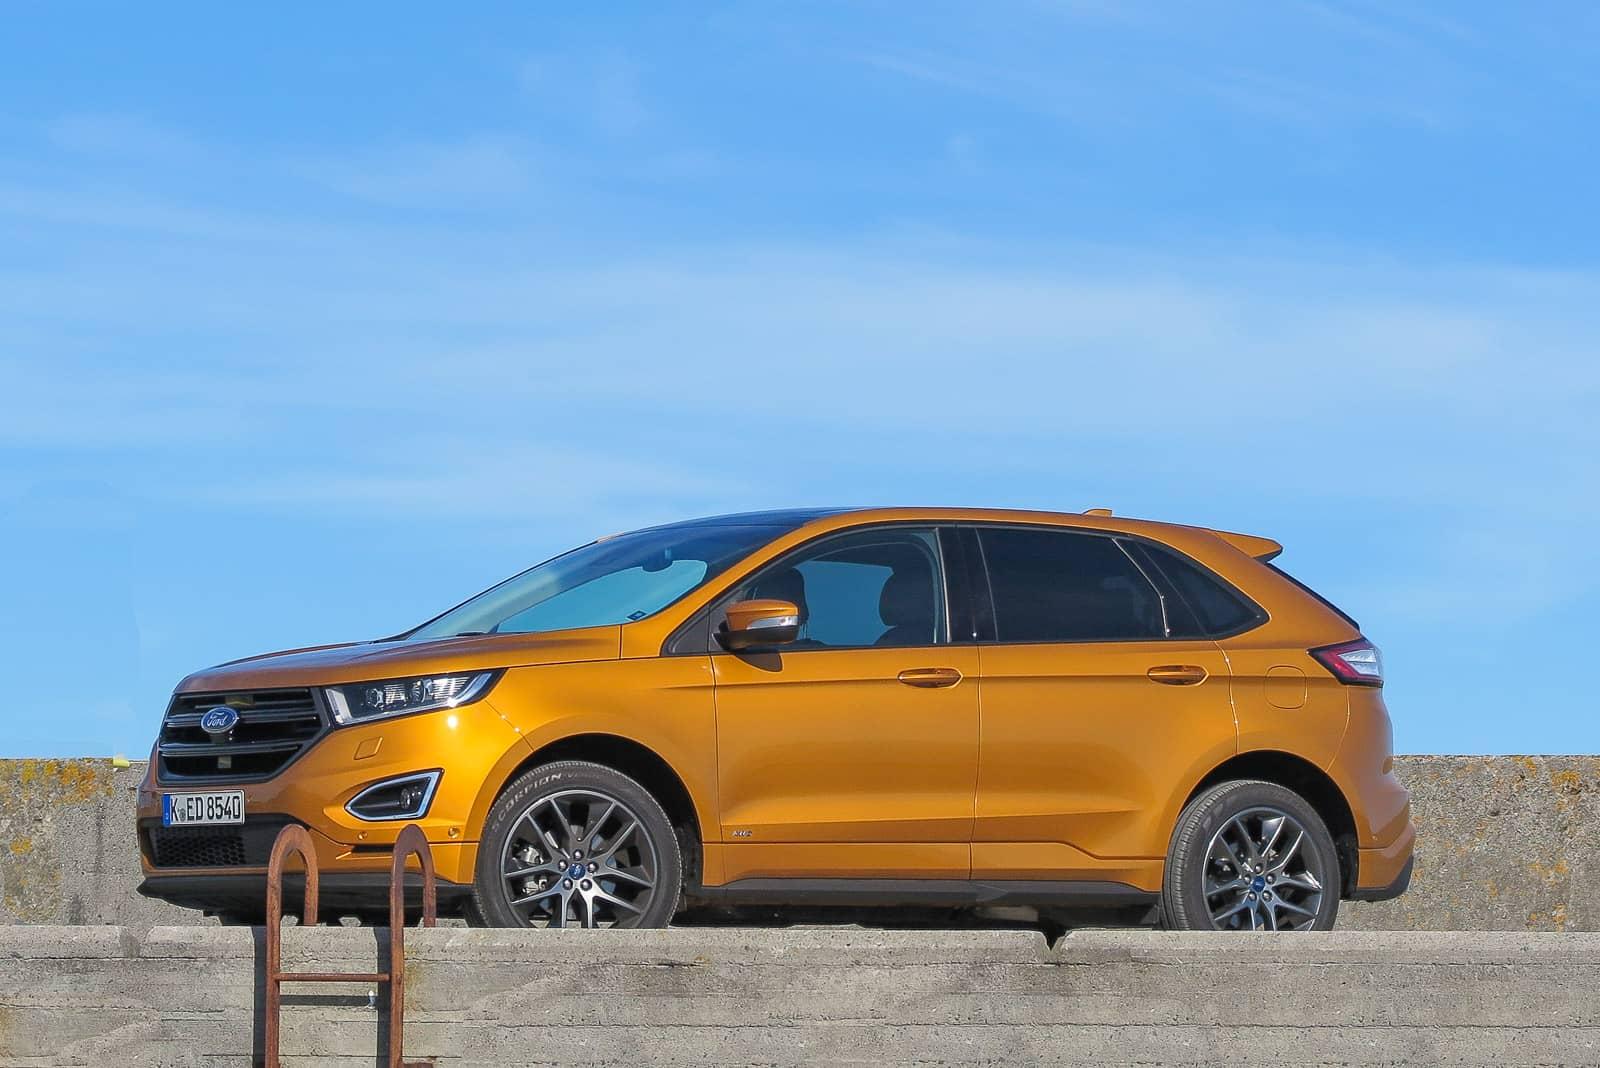 Macht eine gute Figur: Der Ford Edge